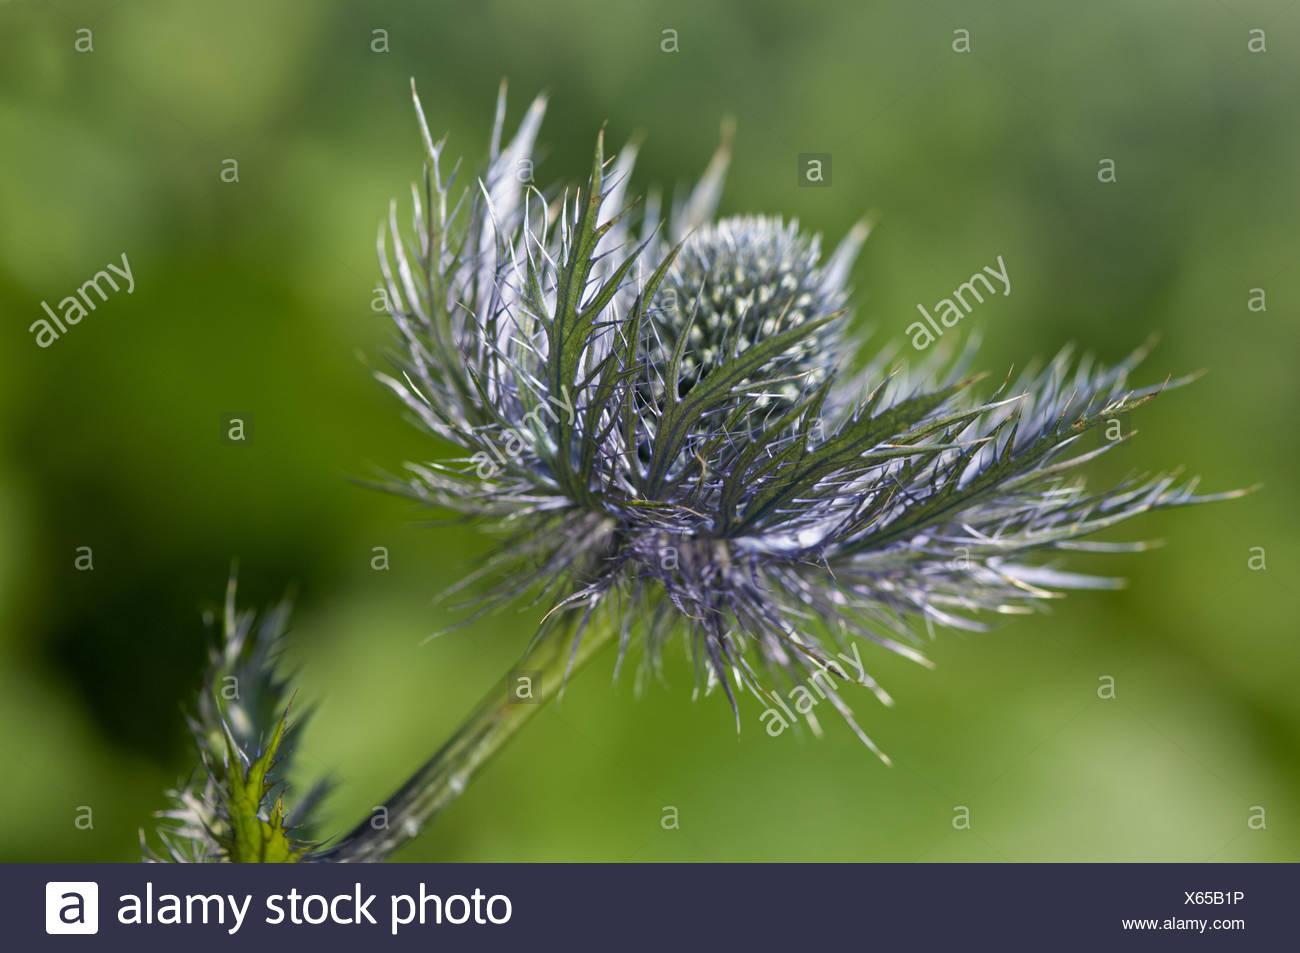 Alpine sea holly (Eryngium alpinum) Stock Photo